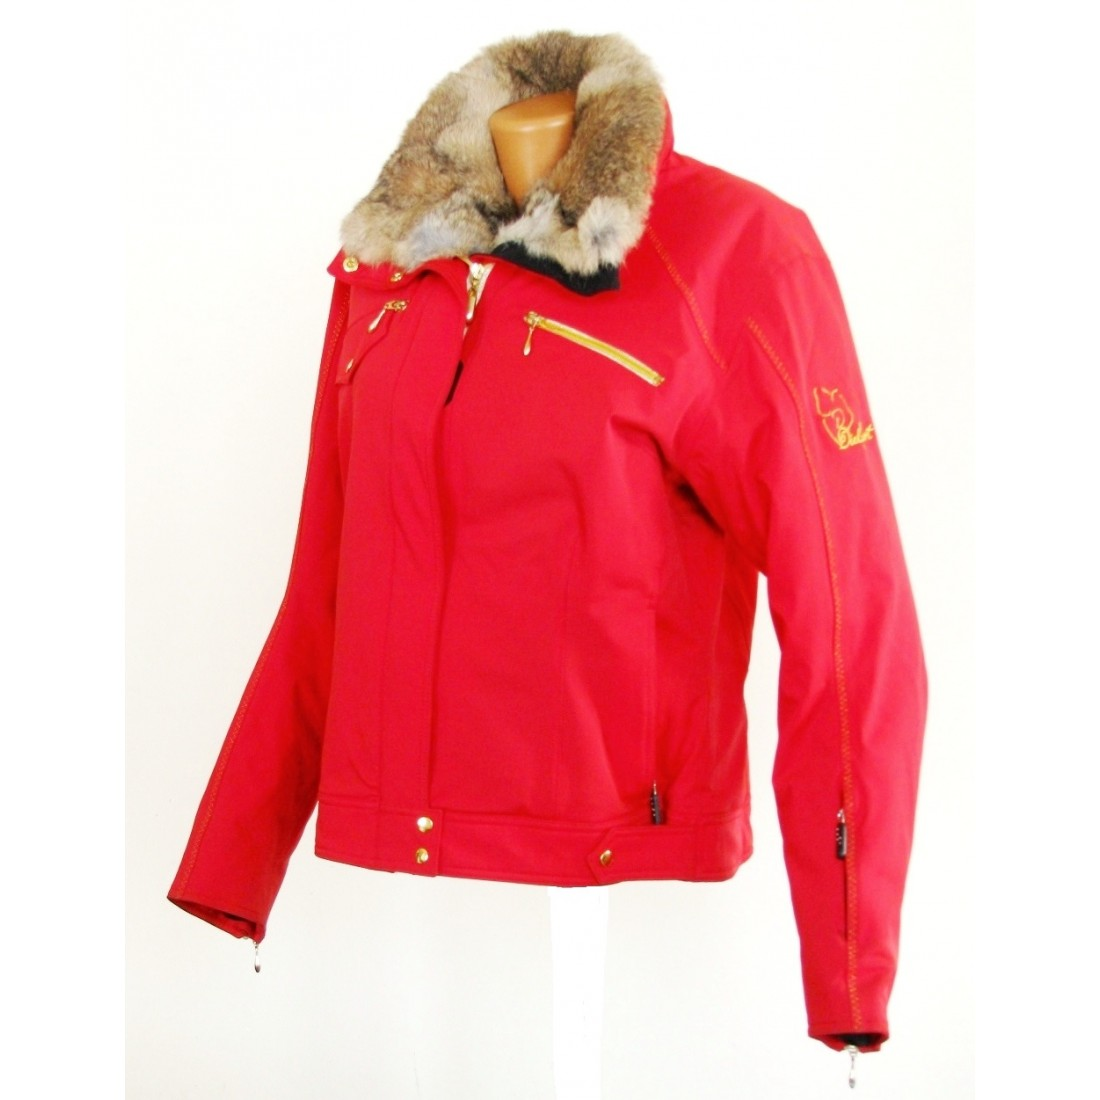 c311cc6f339 DIEL SPORT 27744 E3 Дамско яке за ски Диел спорт 15000 - колекция ALPINE  червено